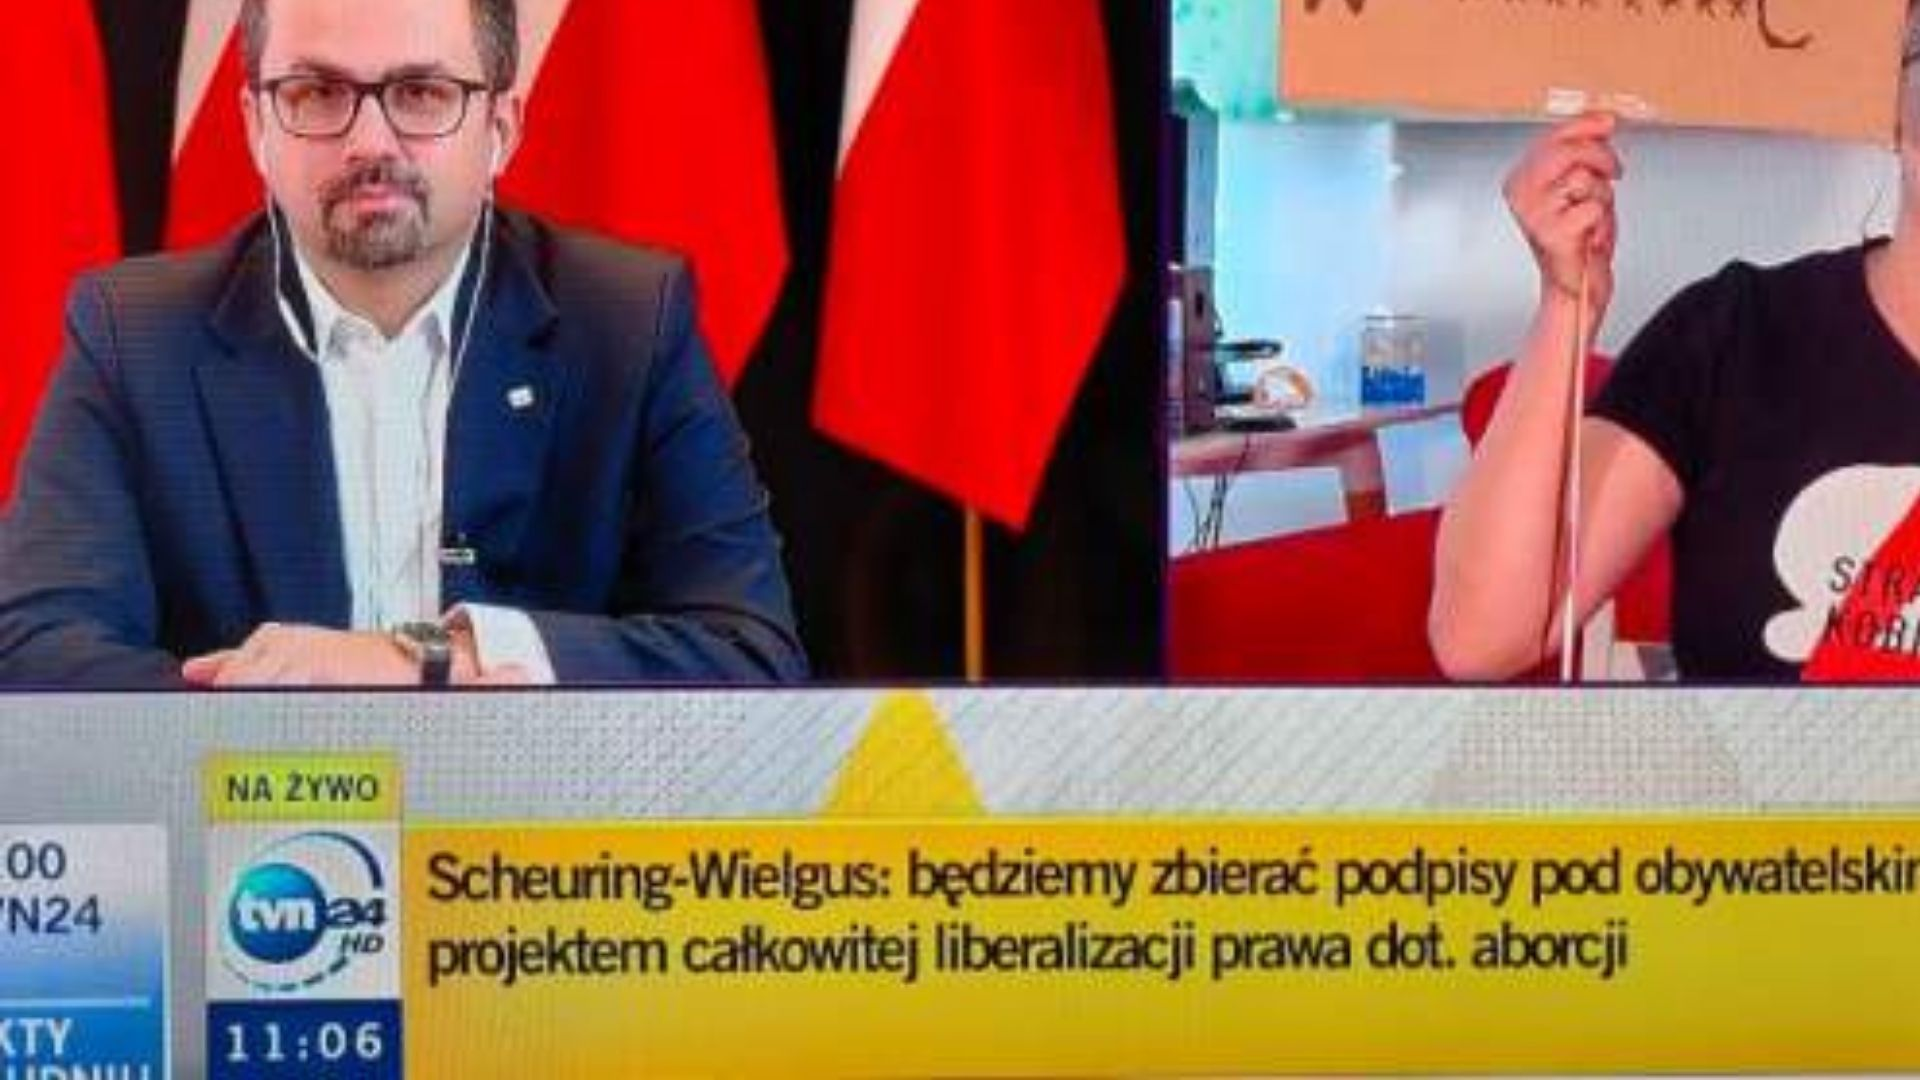 Goszcząca w TVN24 posłanka Lewicy pokazała, co myśli o decyzji Trybunału Konstytucyjnego.